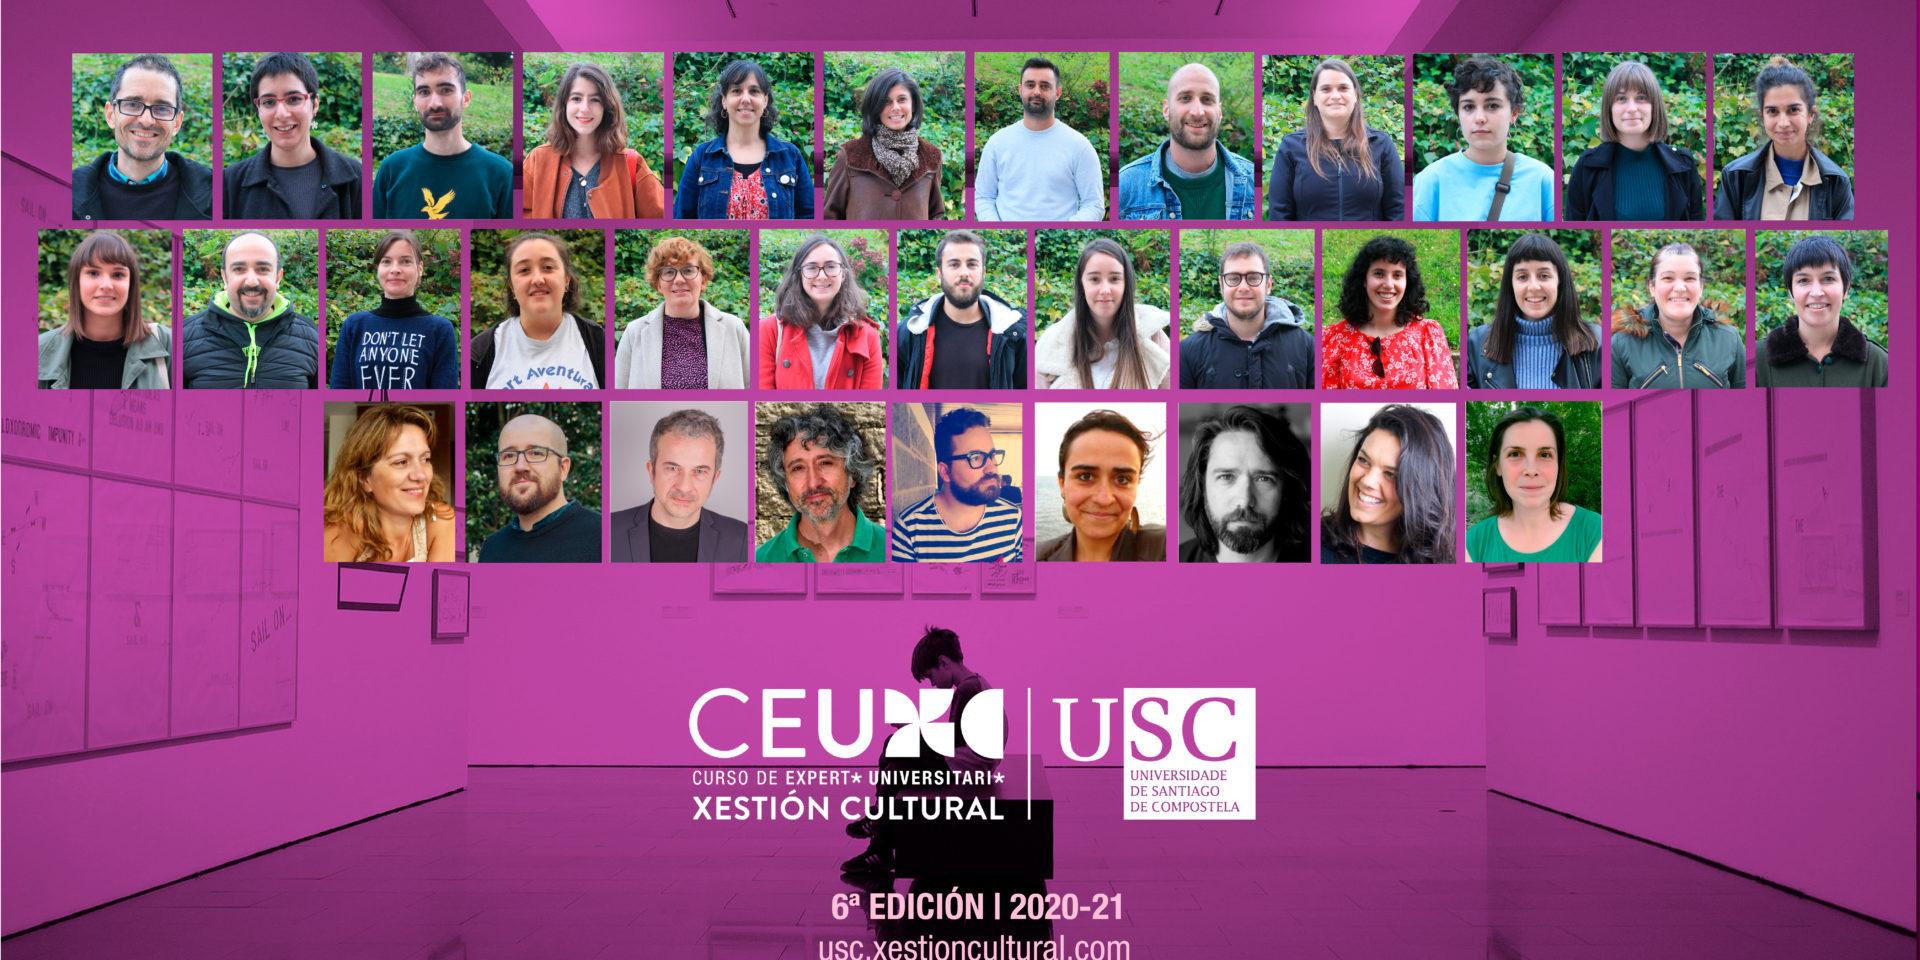 A imaxe é unha suma de fotos individuais, tanto de alumnos e alumnas da sexta edición do CEU en Xestión Cultural, como do equipo docente e promotor. As fotografías están colocadas ao estilo dunha orla, sobre a imaxe corporativa, en ton maxenta, do Curso